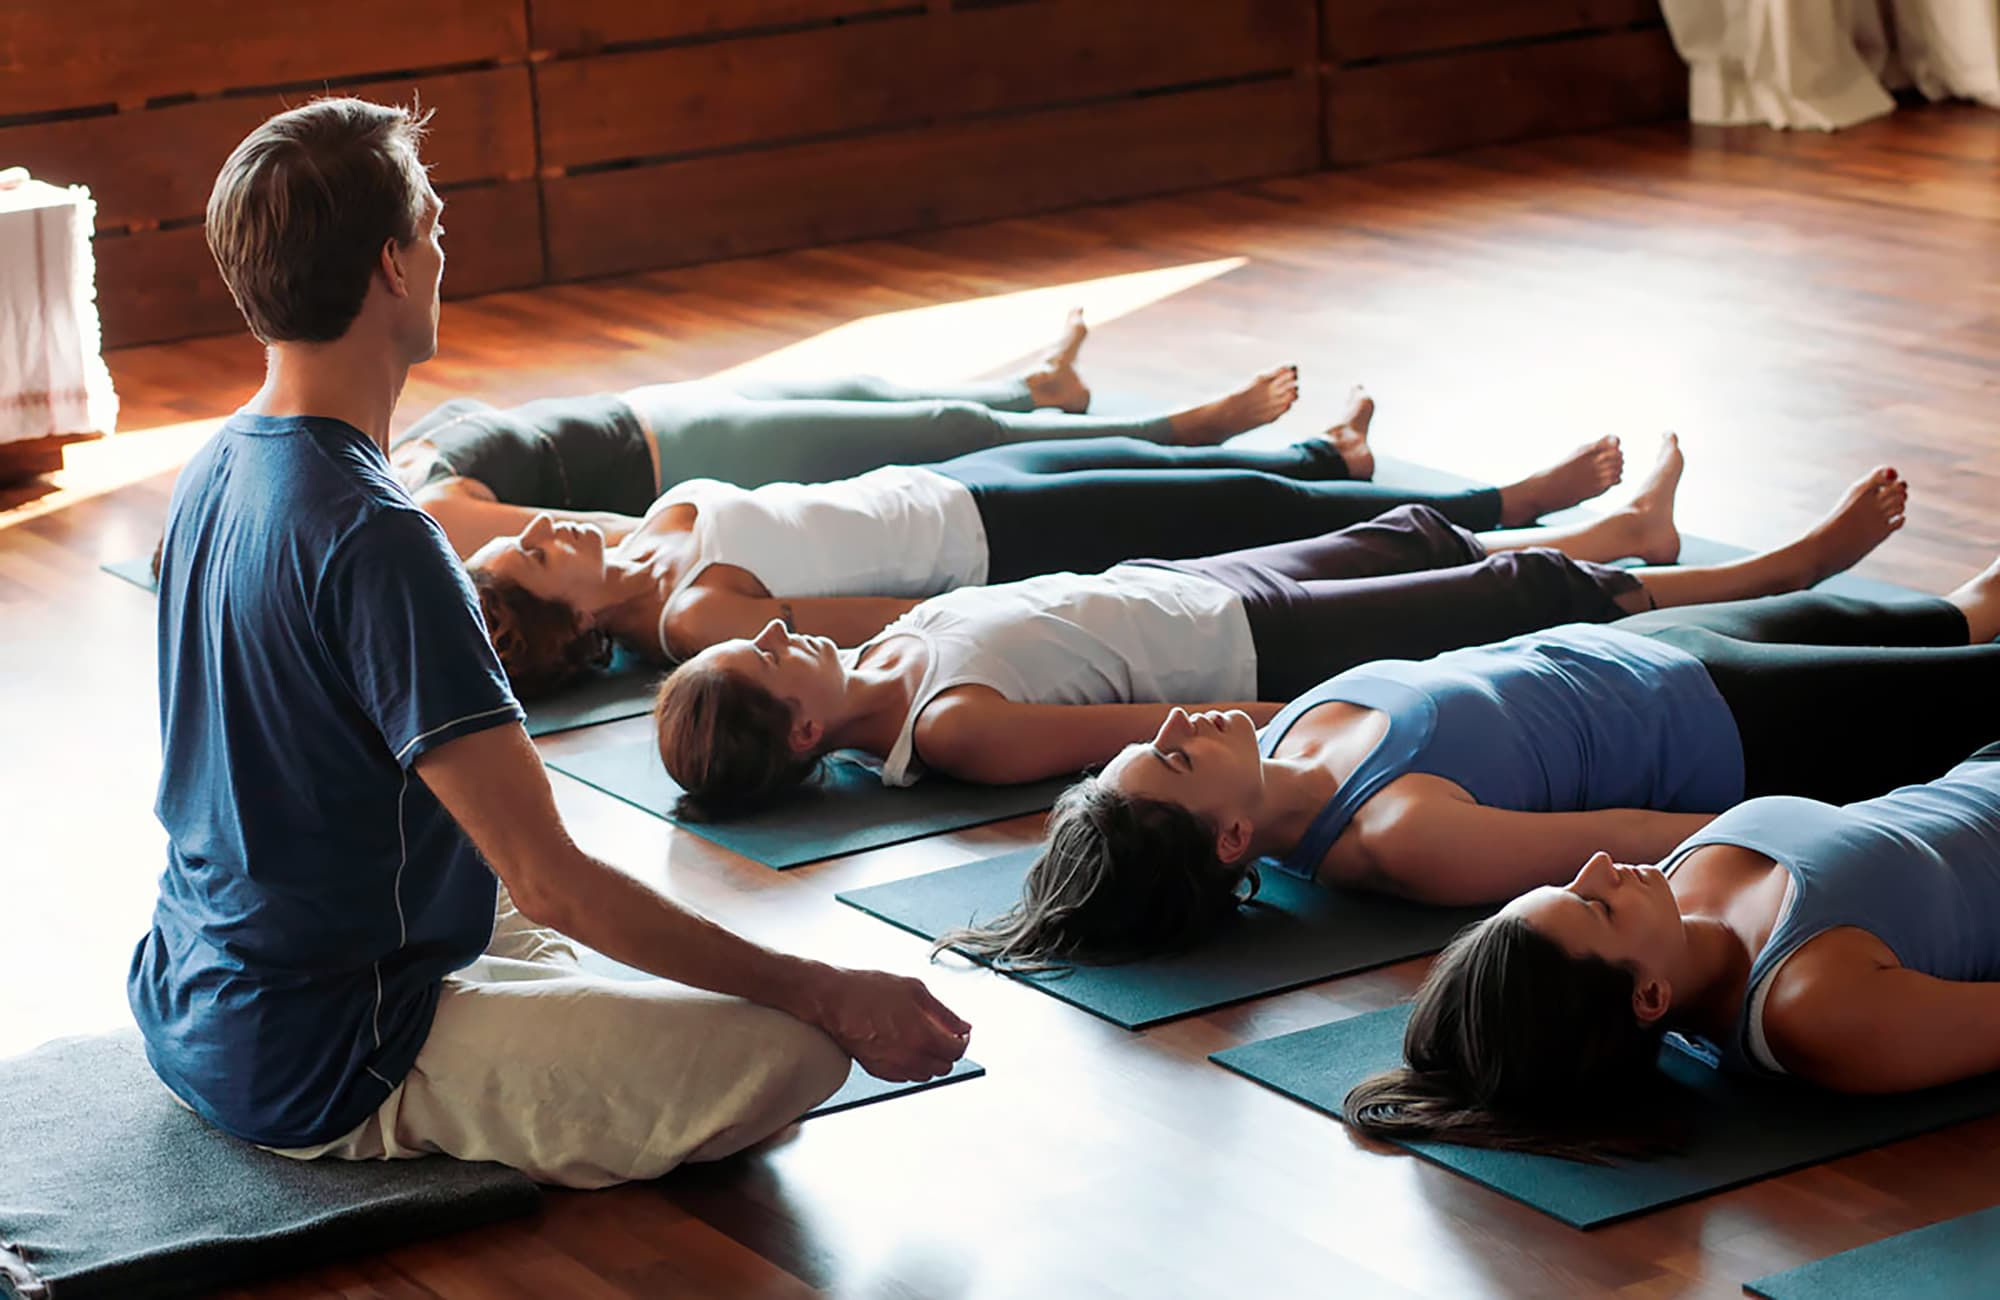 Гуру йога: что это такое, и какие принципы заложены в основы практики